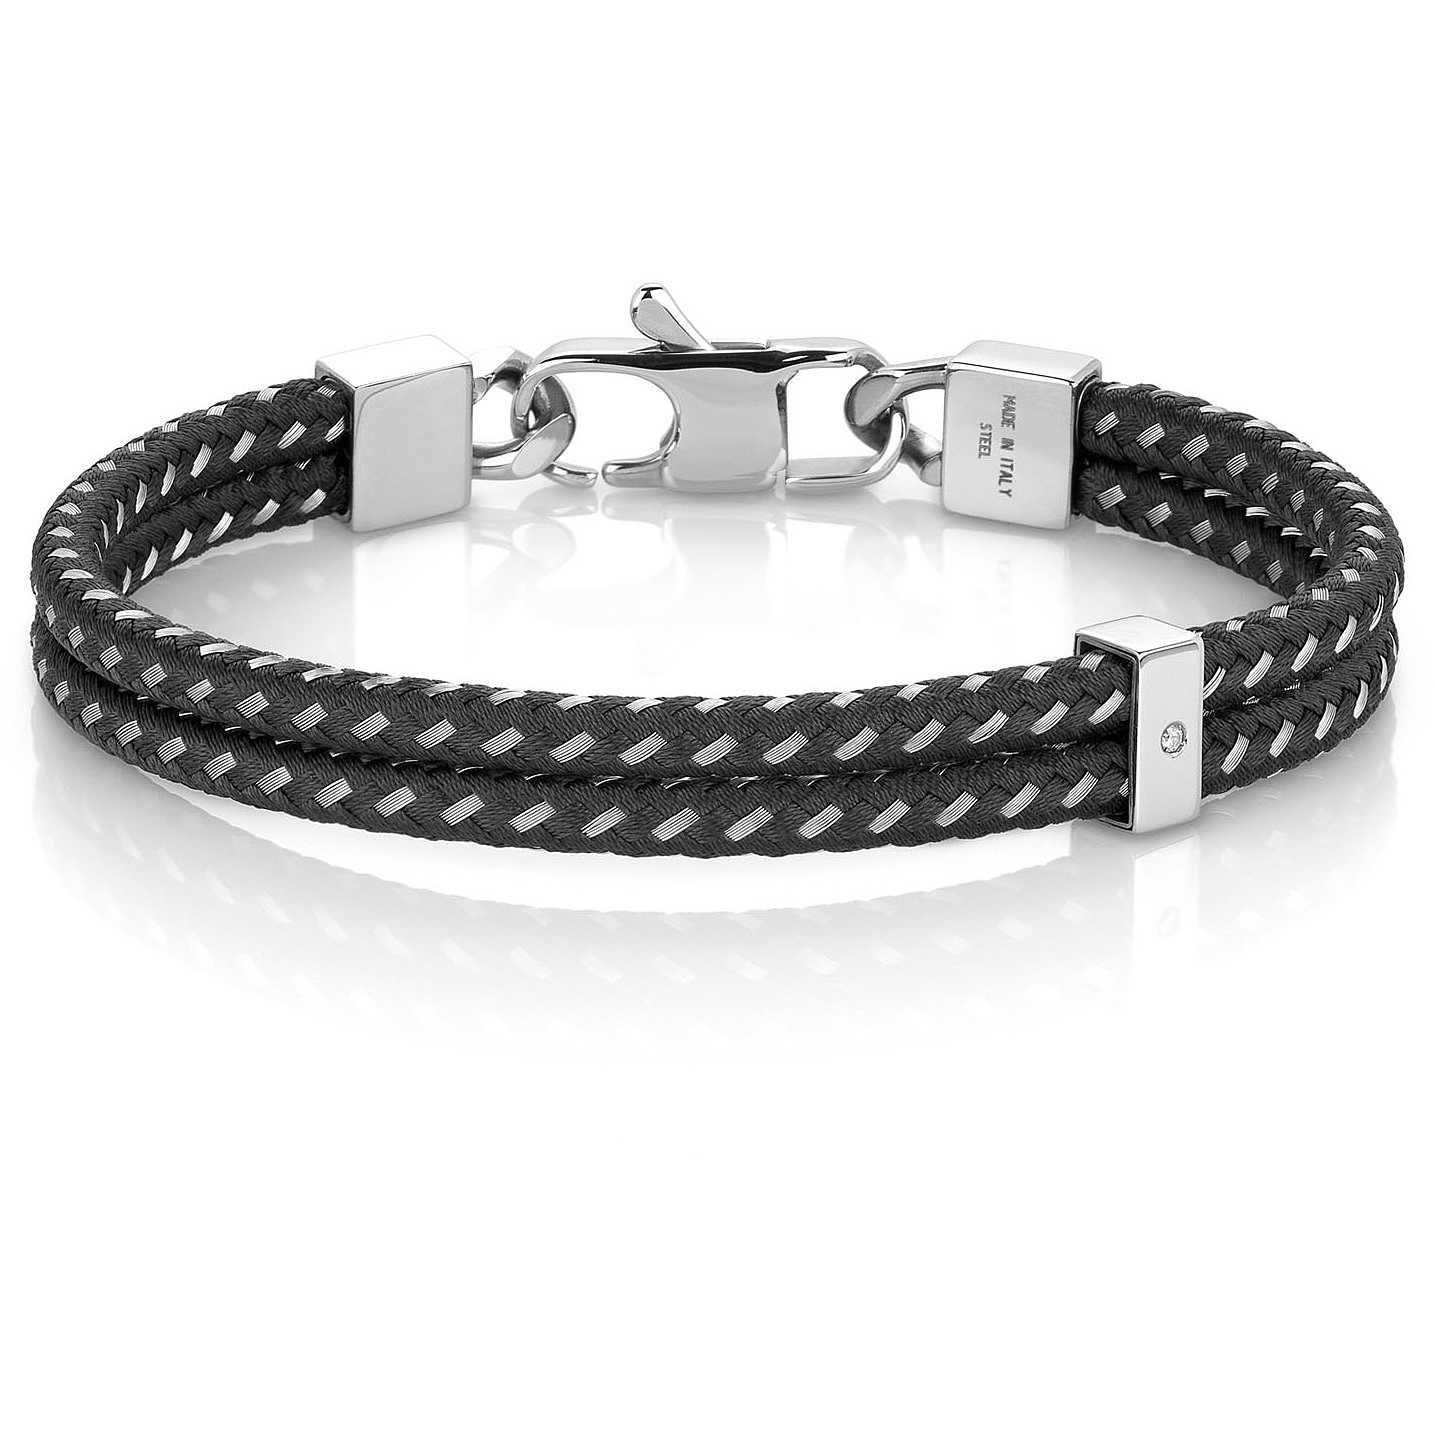 Bracelet nomination homme prix